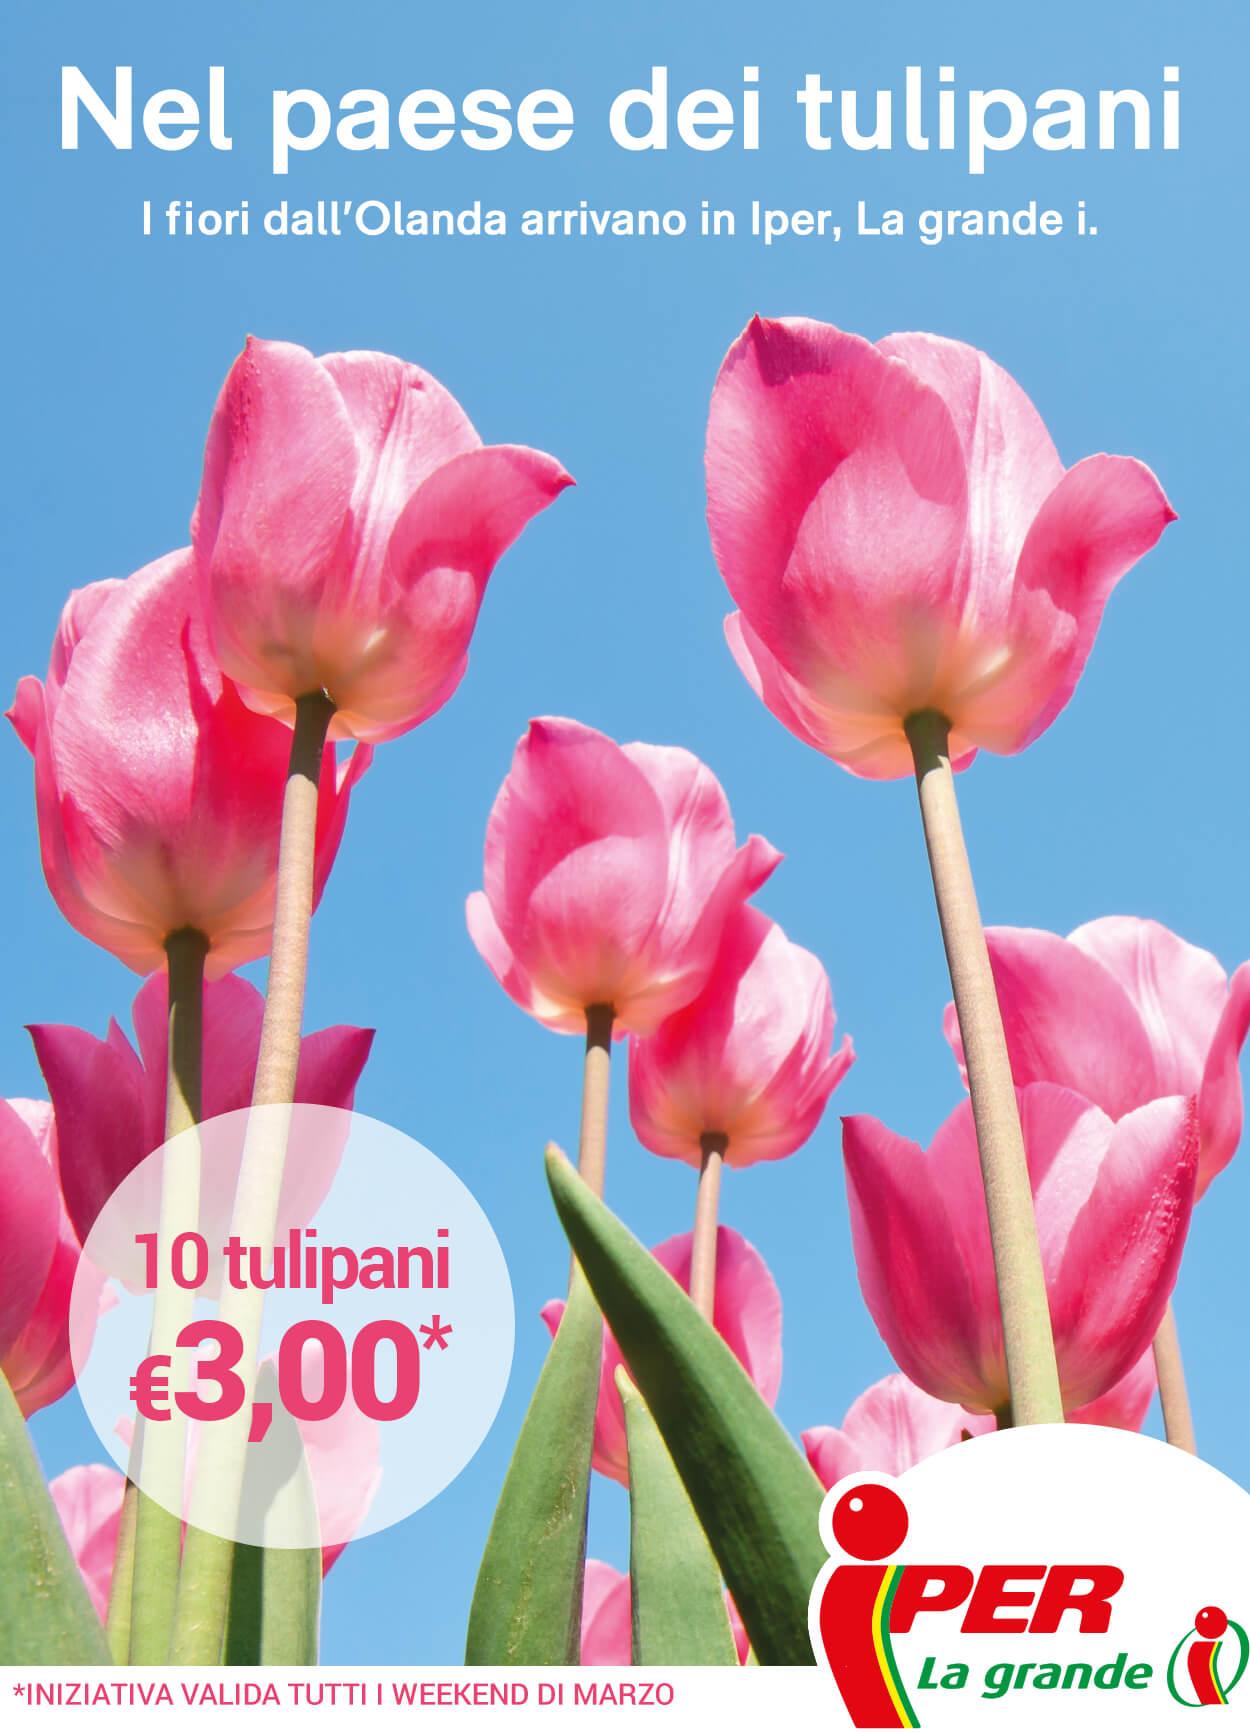 Tulipano volantino offerte beautiful volantino ipersoap a for Volantino offerte despar messina